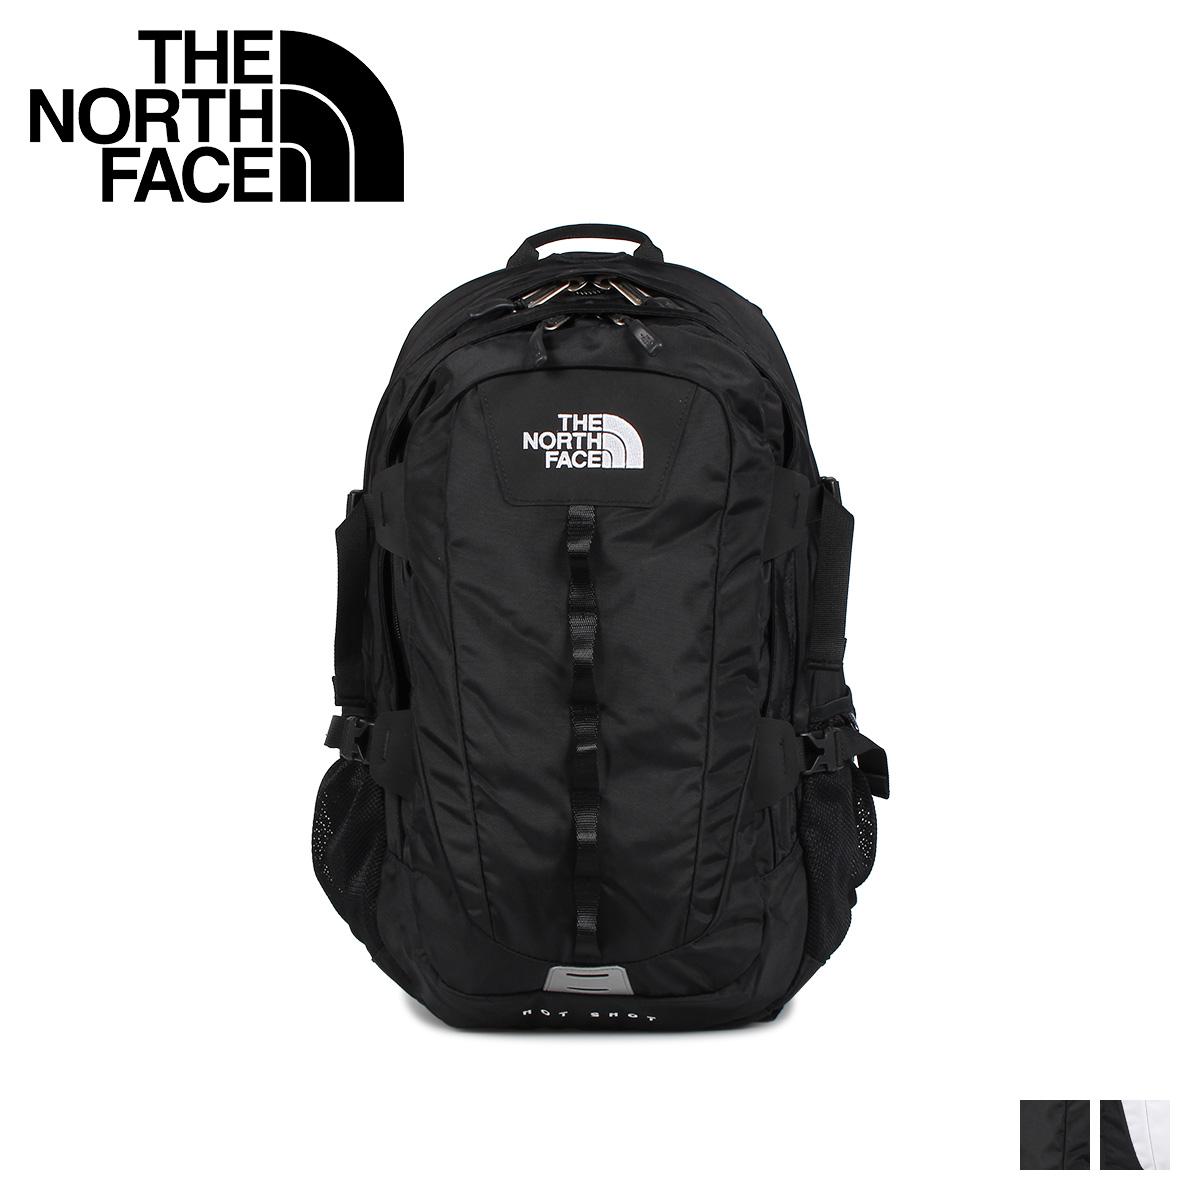 THE NORTH FACE ノースフェイス リュック バッグ バックパック ホットショット メンズ レディース 26L HOT SHOT CLASSIC ブラック ホワイト 黒 白 NM71862